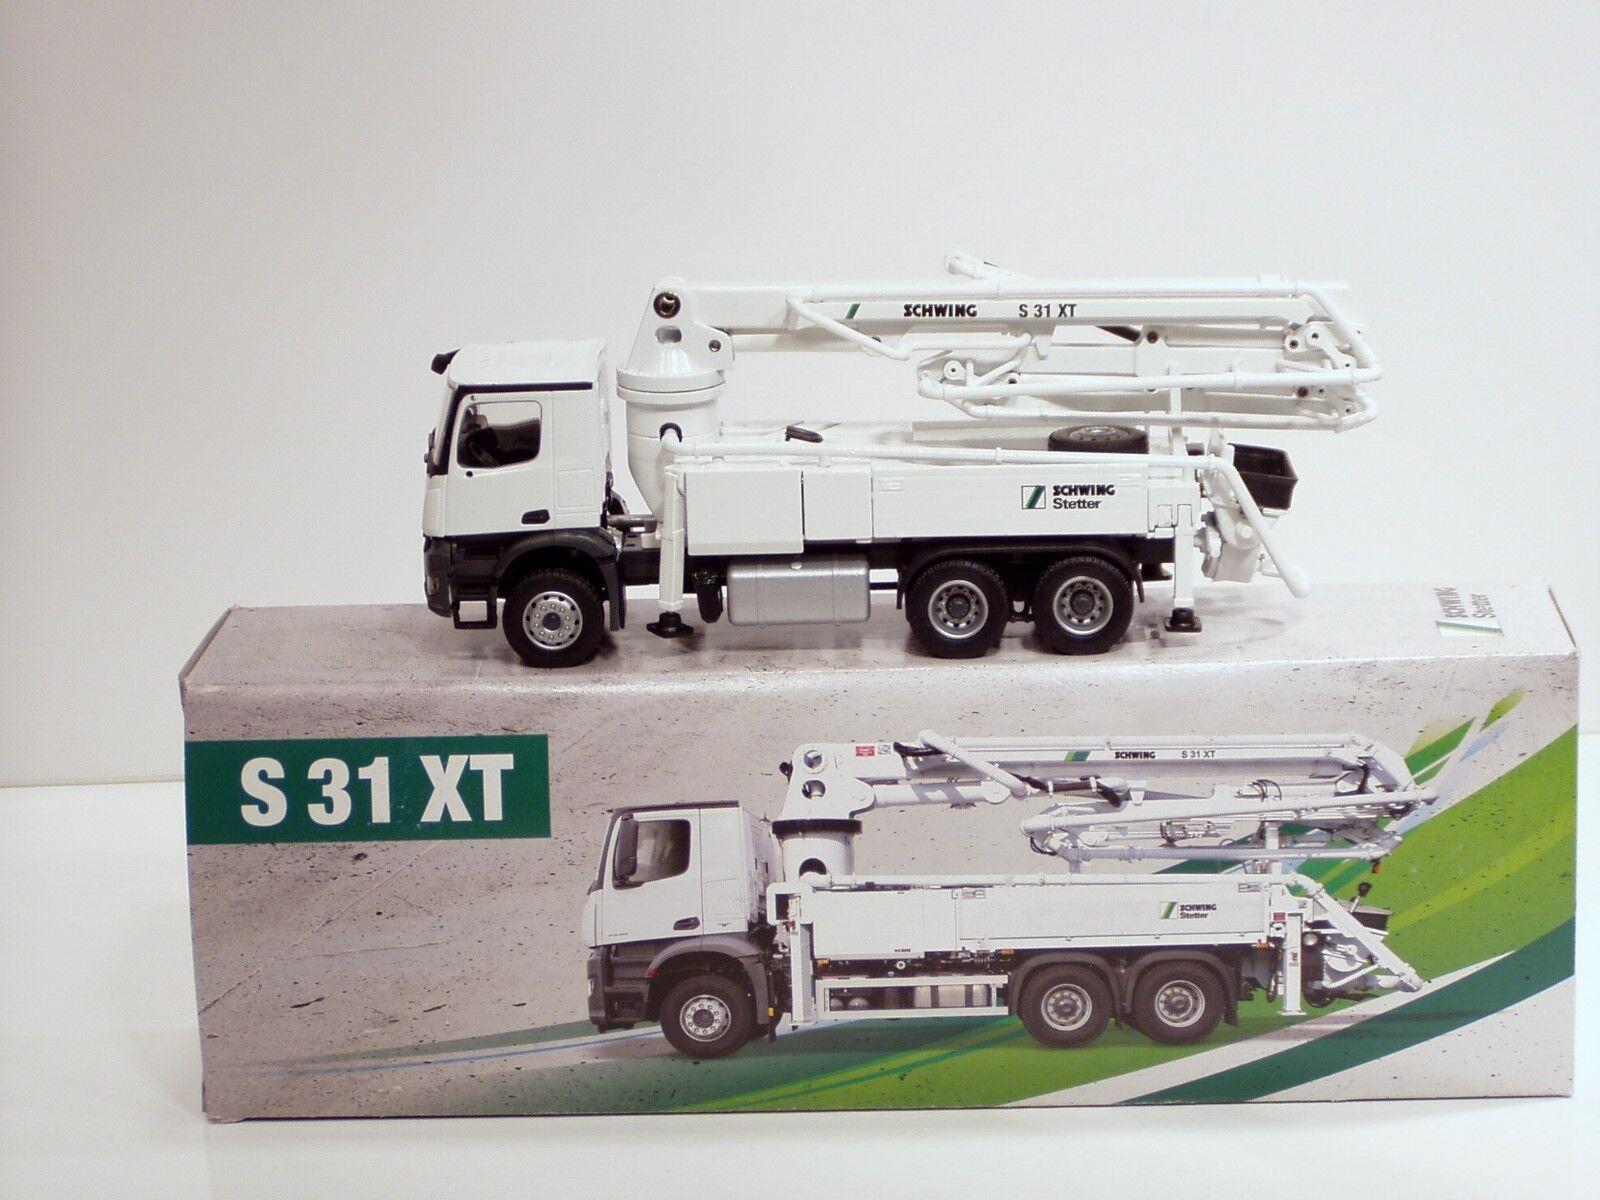 Mercedes Benz Schwing S31XT Concrete Pumper - 1 50 - Conrad  78137 - New